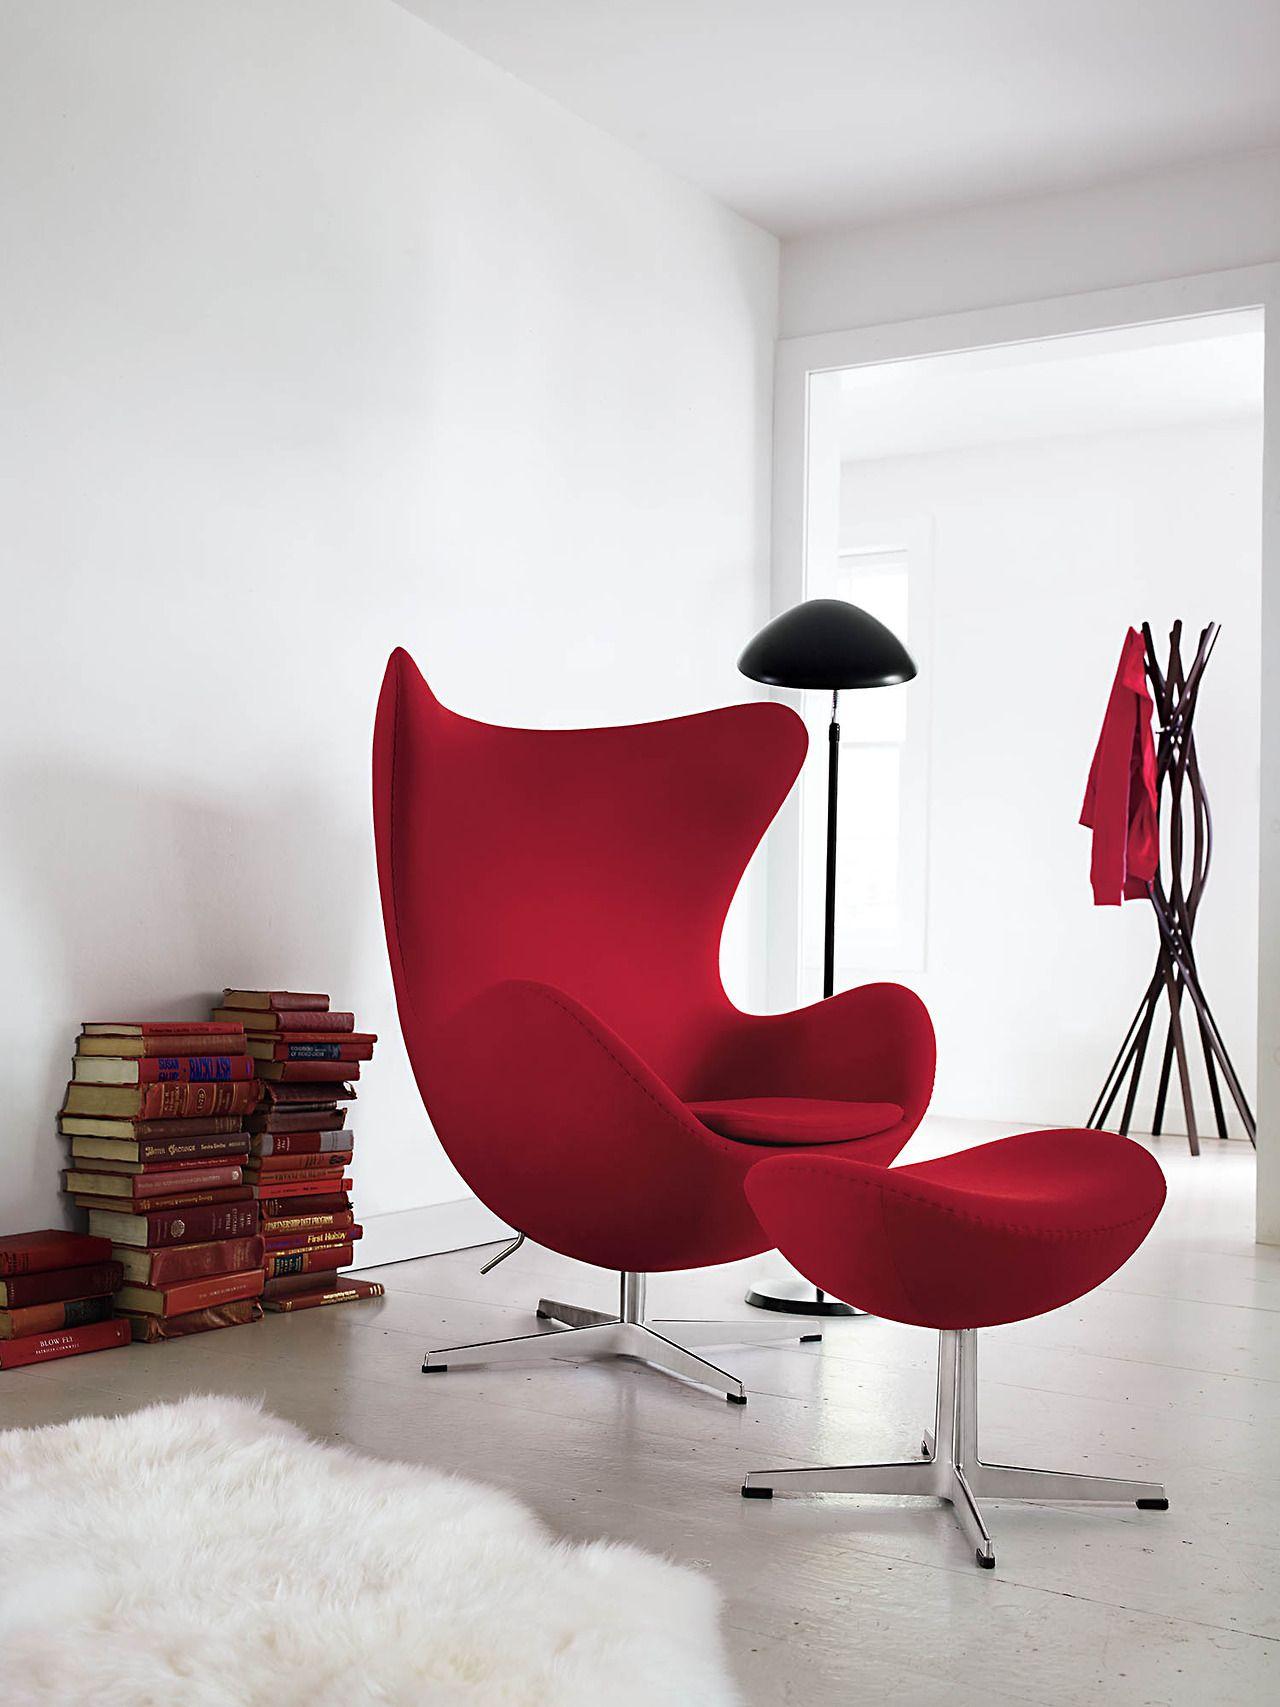 Egg Chair designed by Arne Jacobsen for Republic of Fritz Hansen